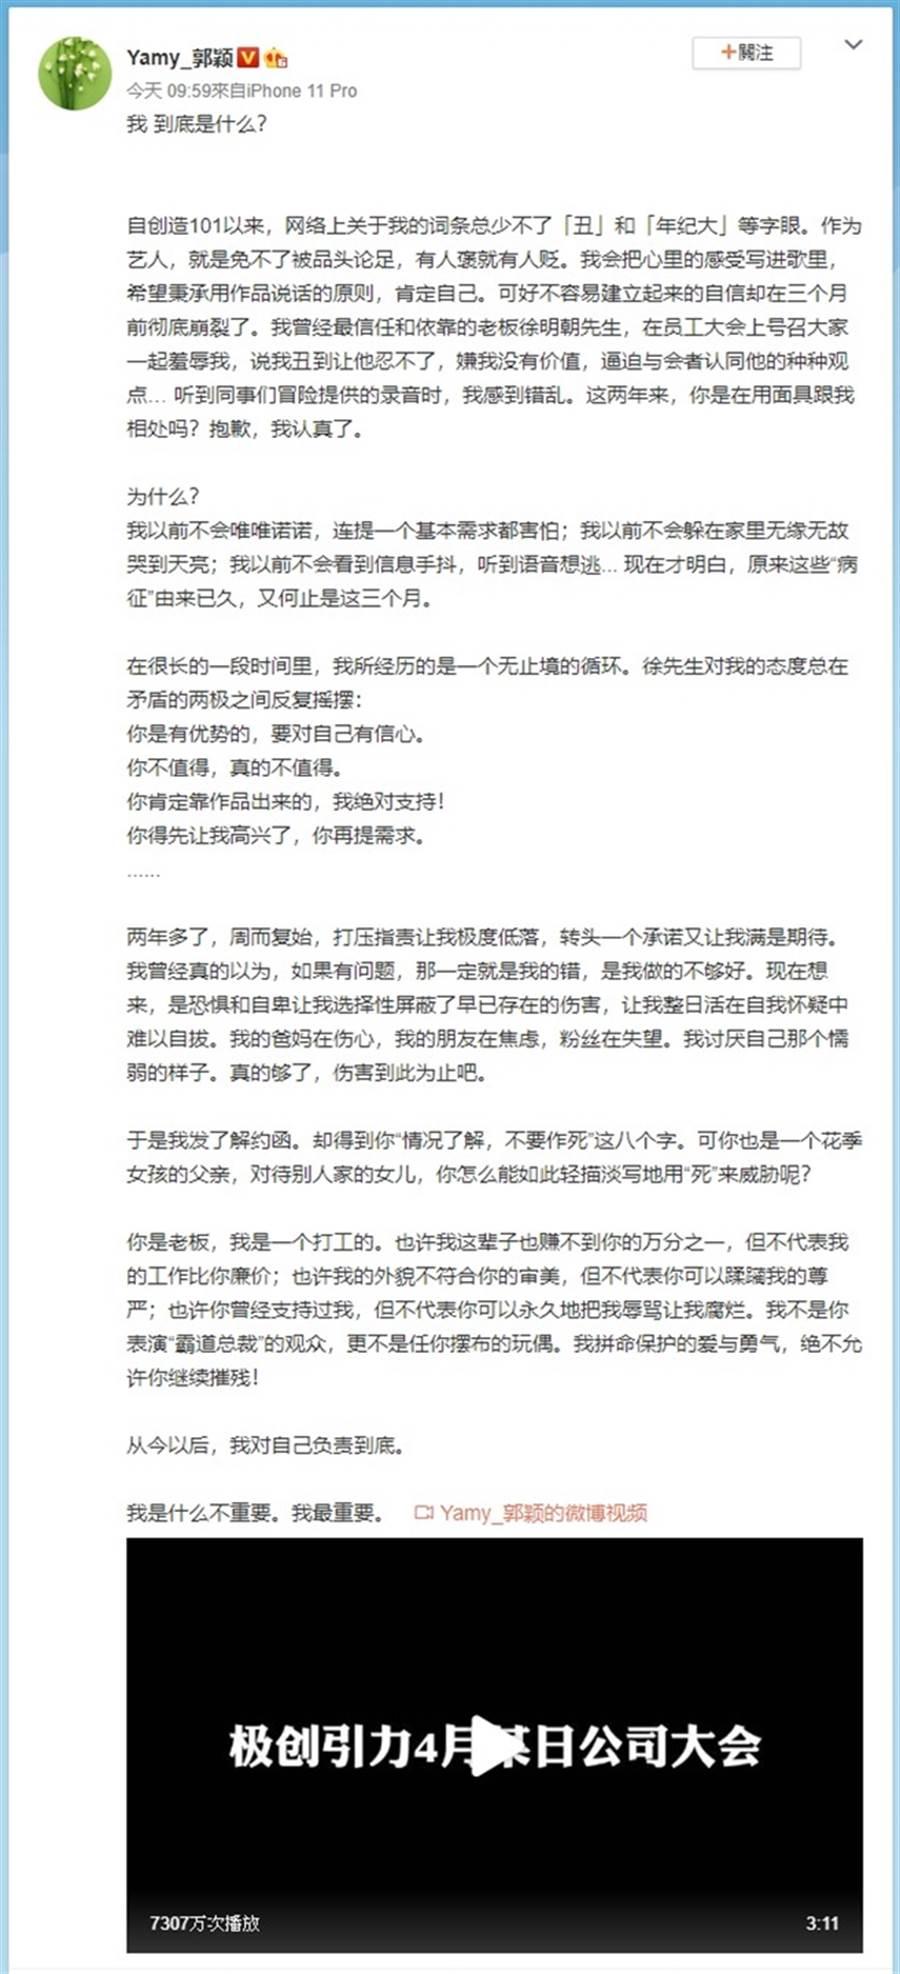 Yamy晒出录音档,披露被公司老闆背后侮辱。(图/翻摄自Yamy_郭颖微博)